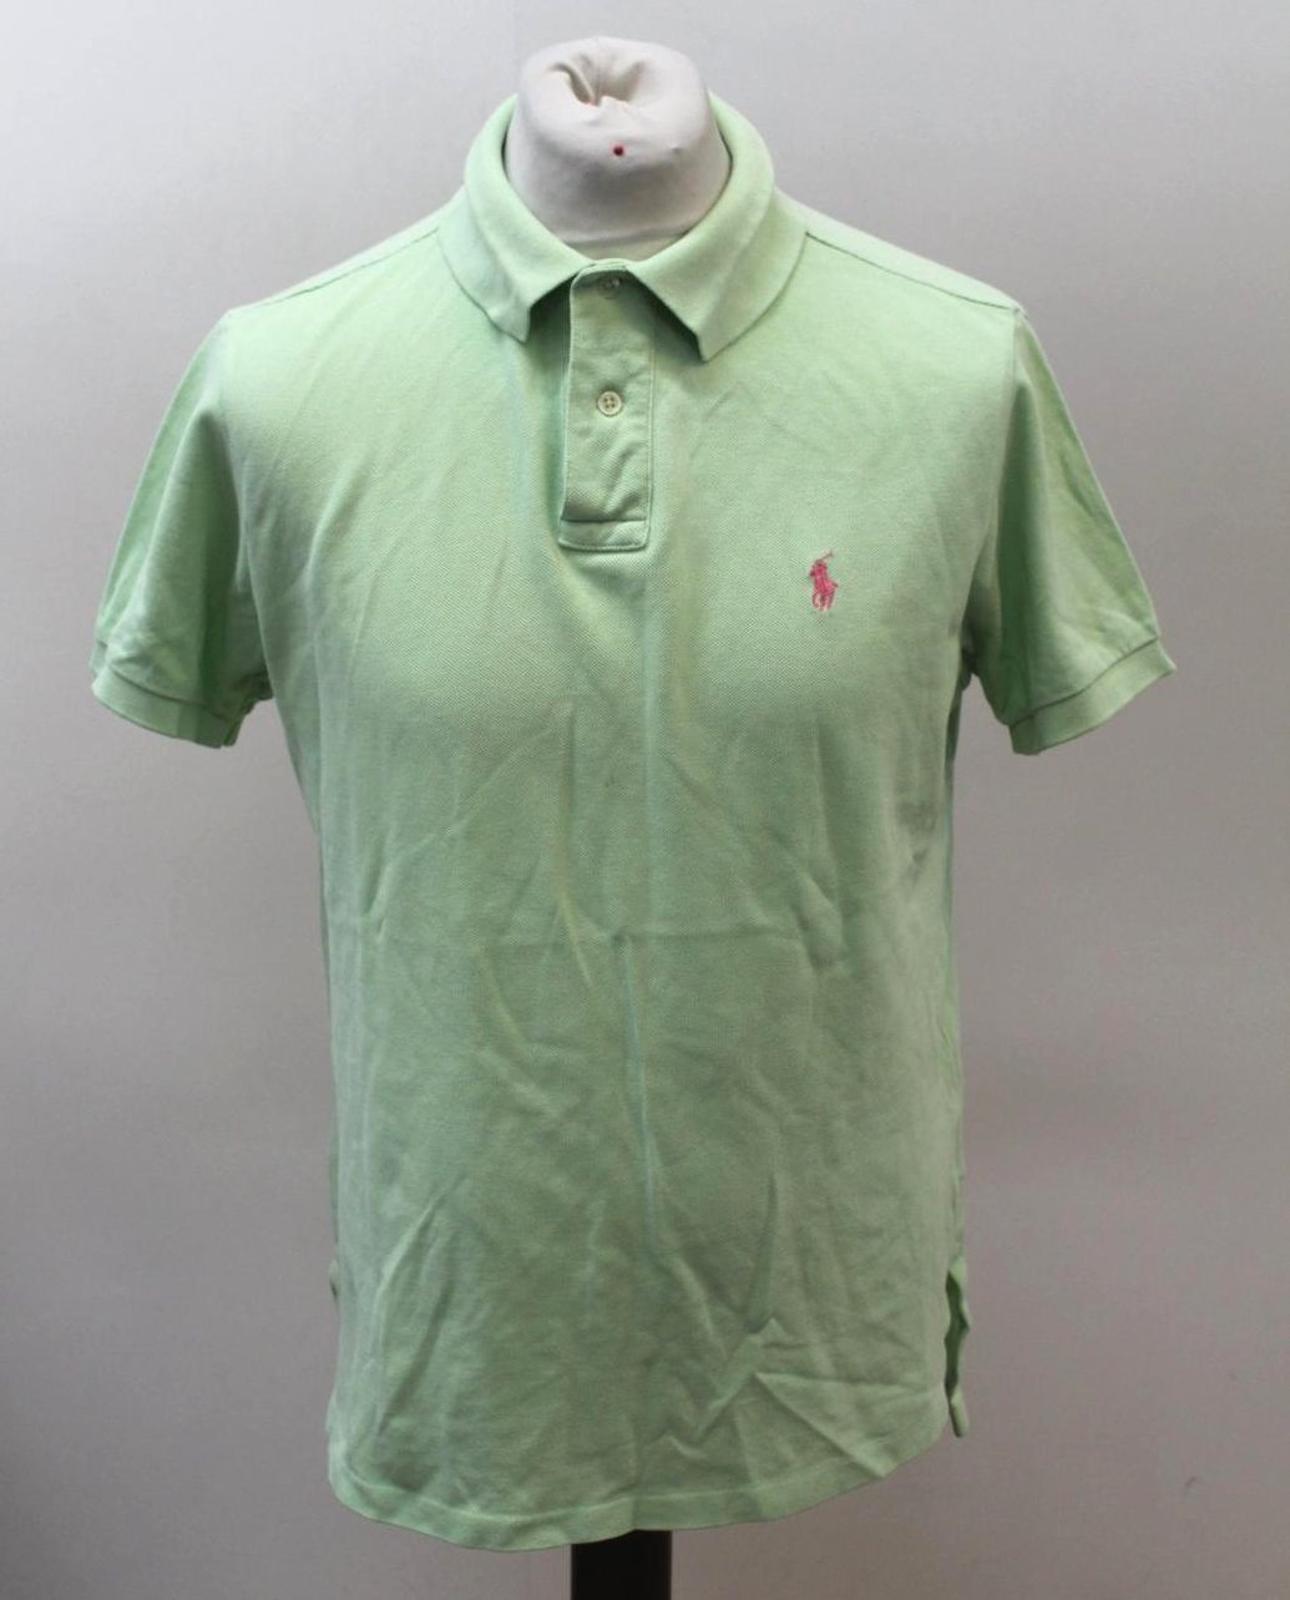 Polo-by-Ralph-Lauren-Hombre-Verde-De-Algodon-Manga-Corta-Con-Cuello-Camisa-Polo-Talla-L miniatura 11